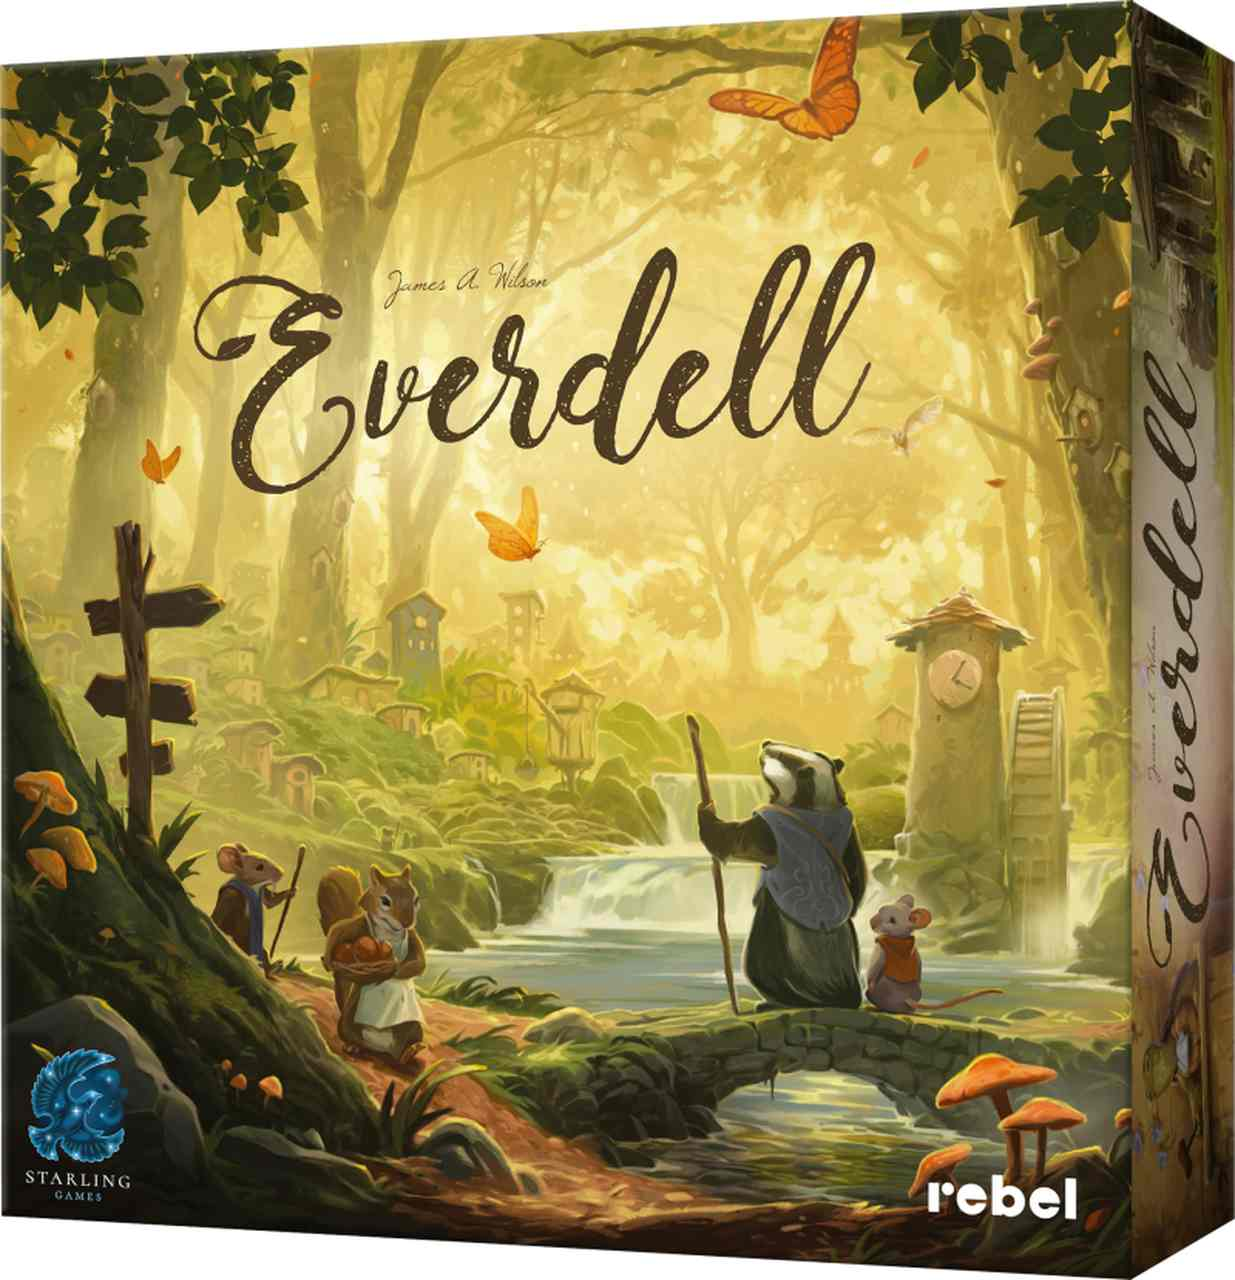 Everdell od Rebela [RECENZJA]. Jedna z piękniejszych gier planszowych na rynku